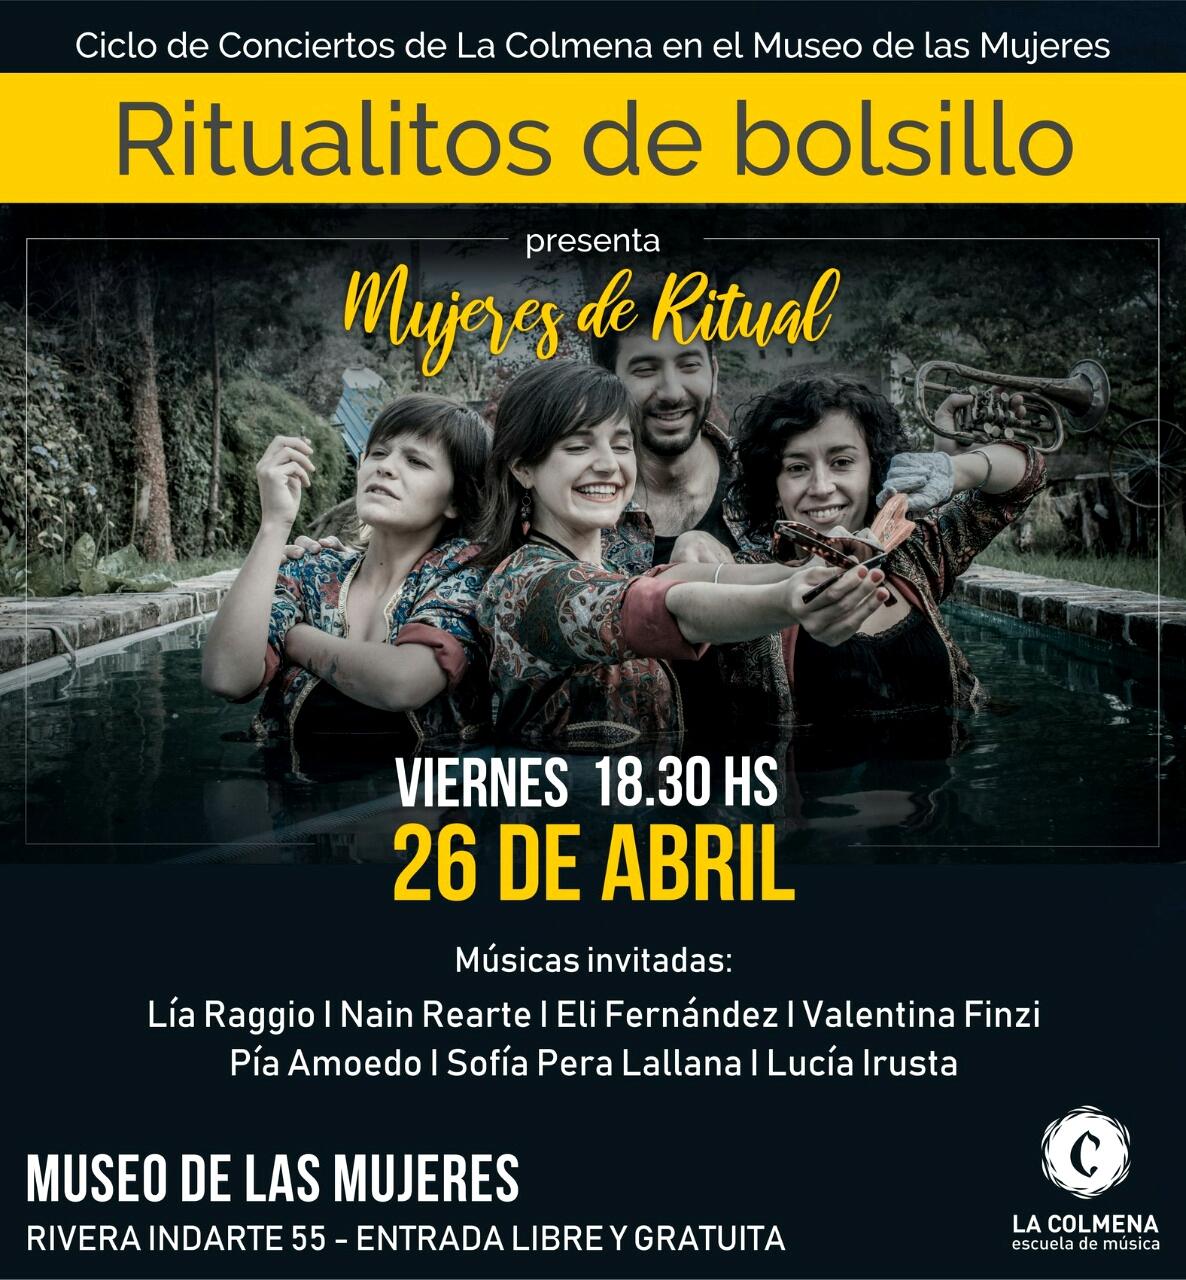 Re apertura del Ciclo de conciertos de La Colmena en el Museo de las Mujeres